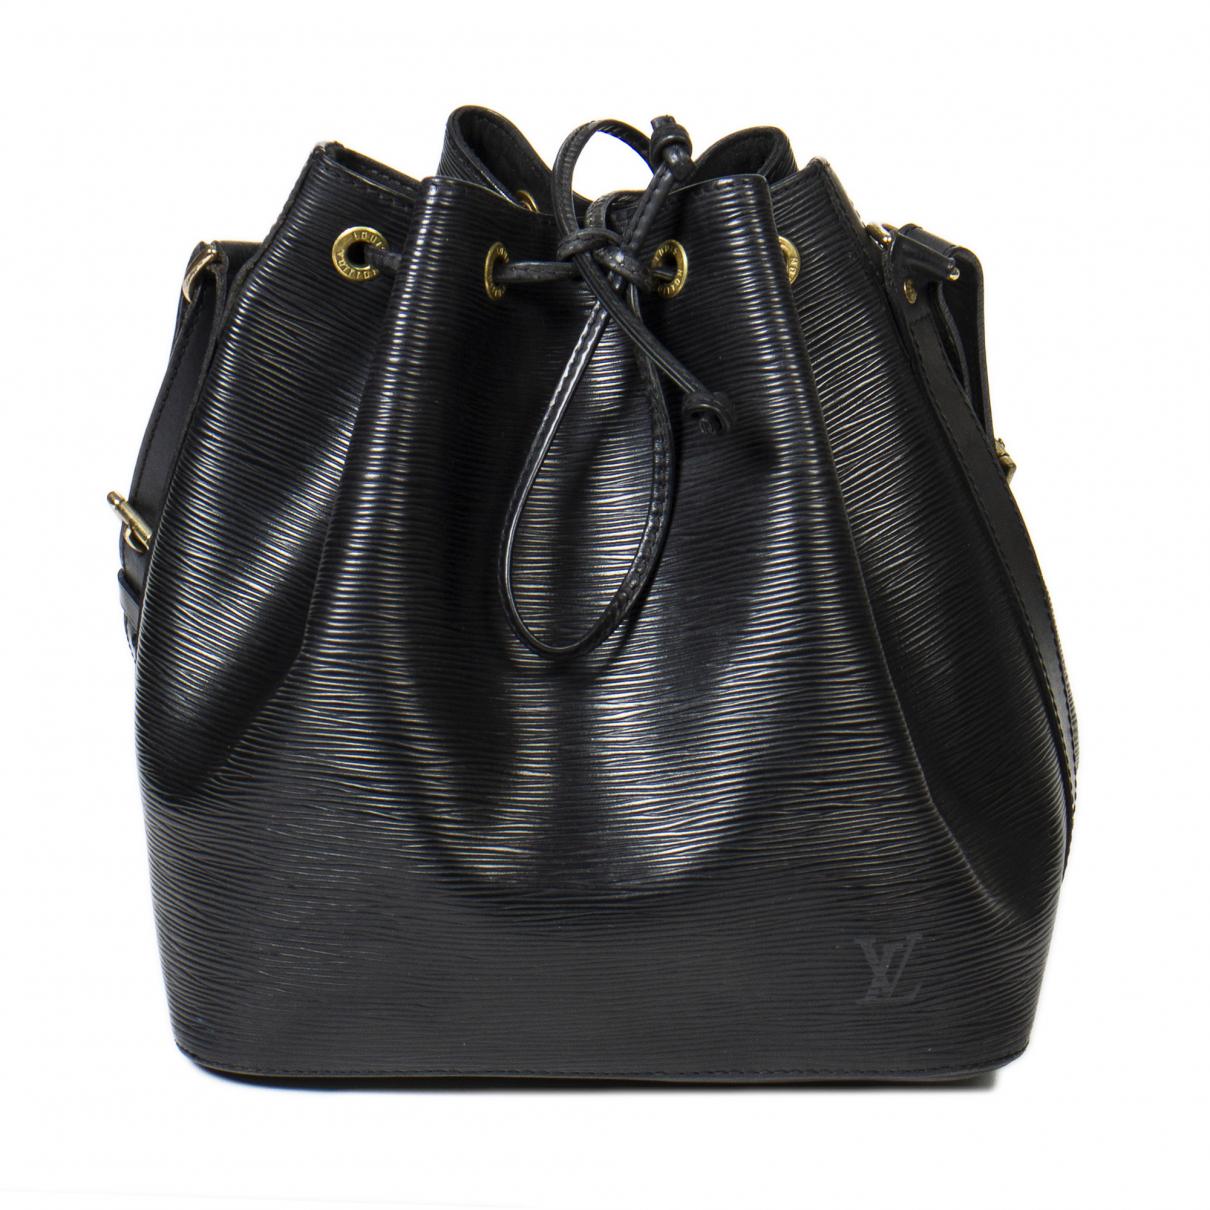 Louis Vuitton Noé Black Leather handbag for Women \N